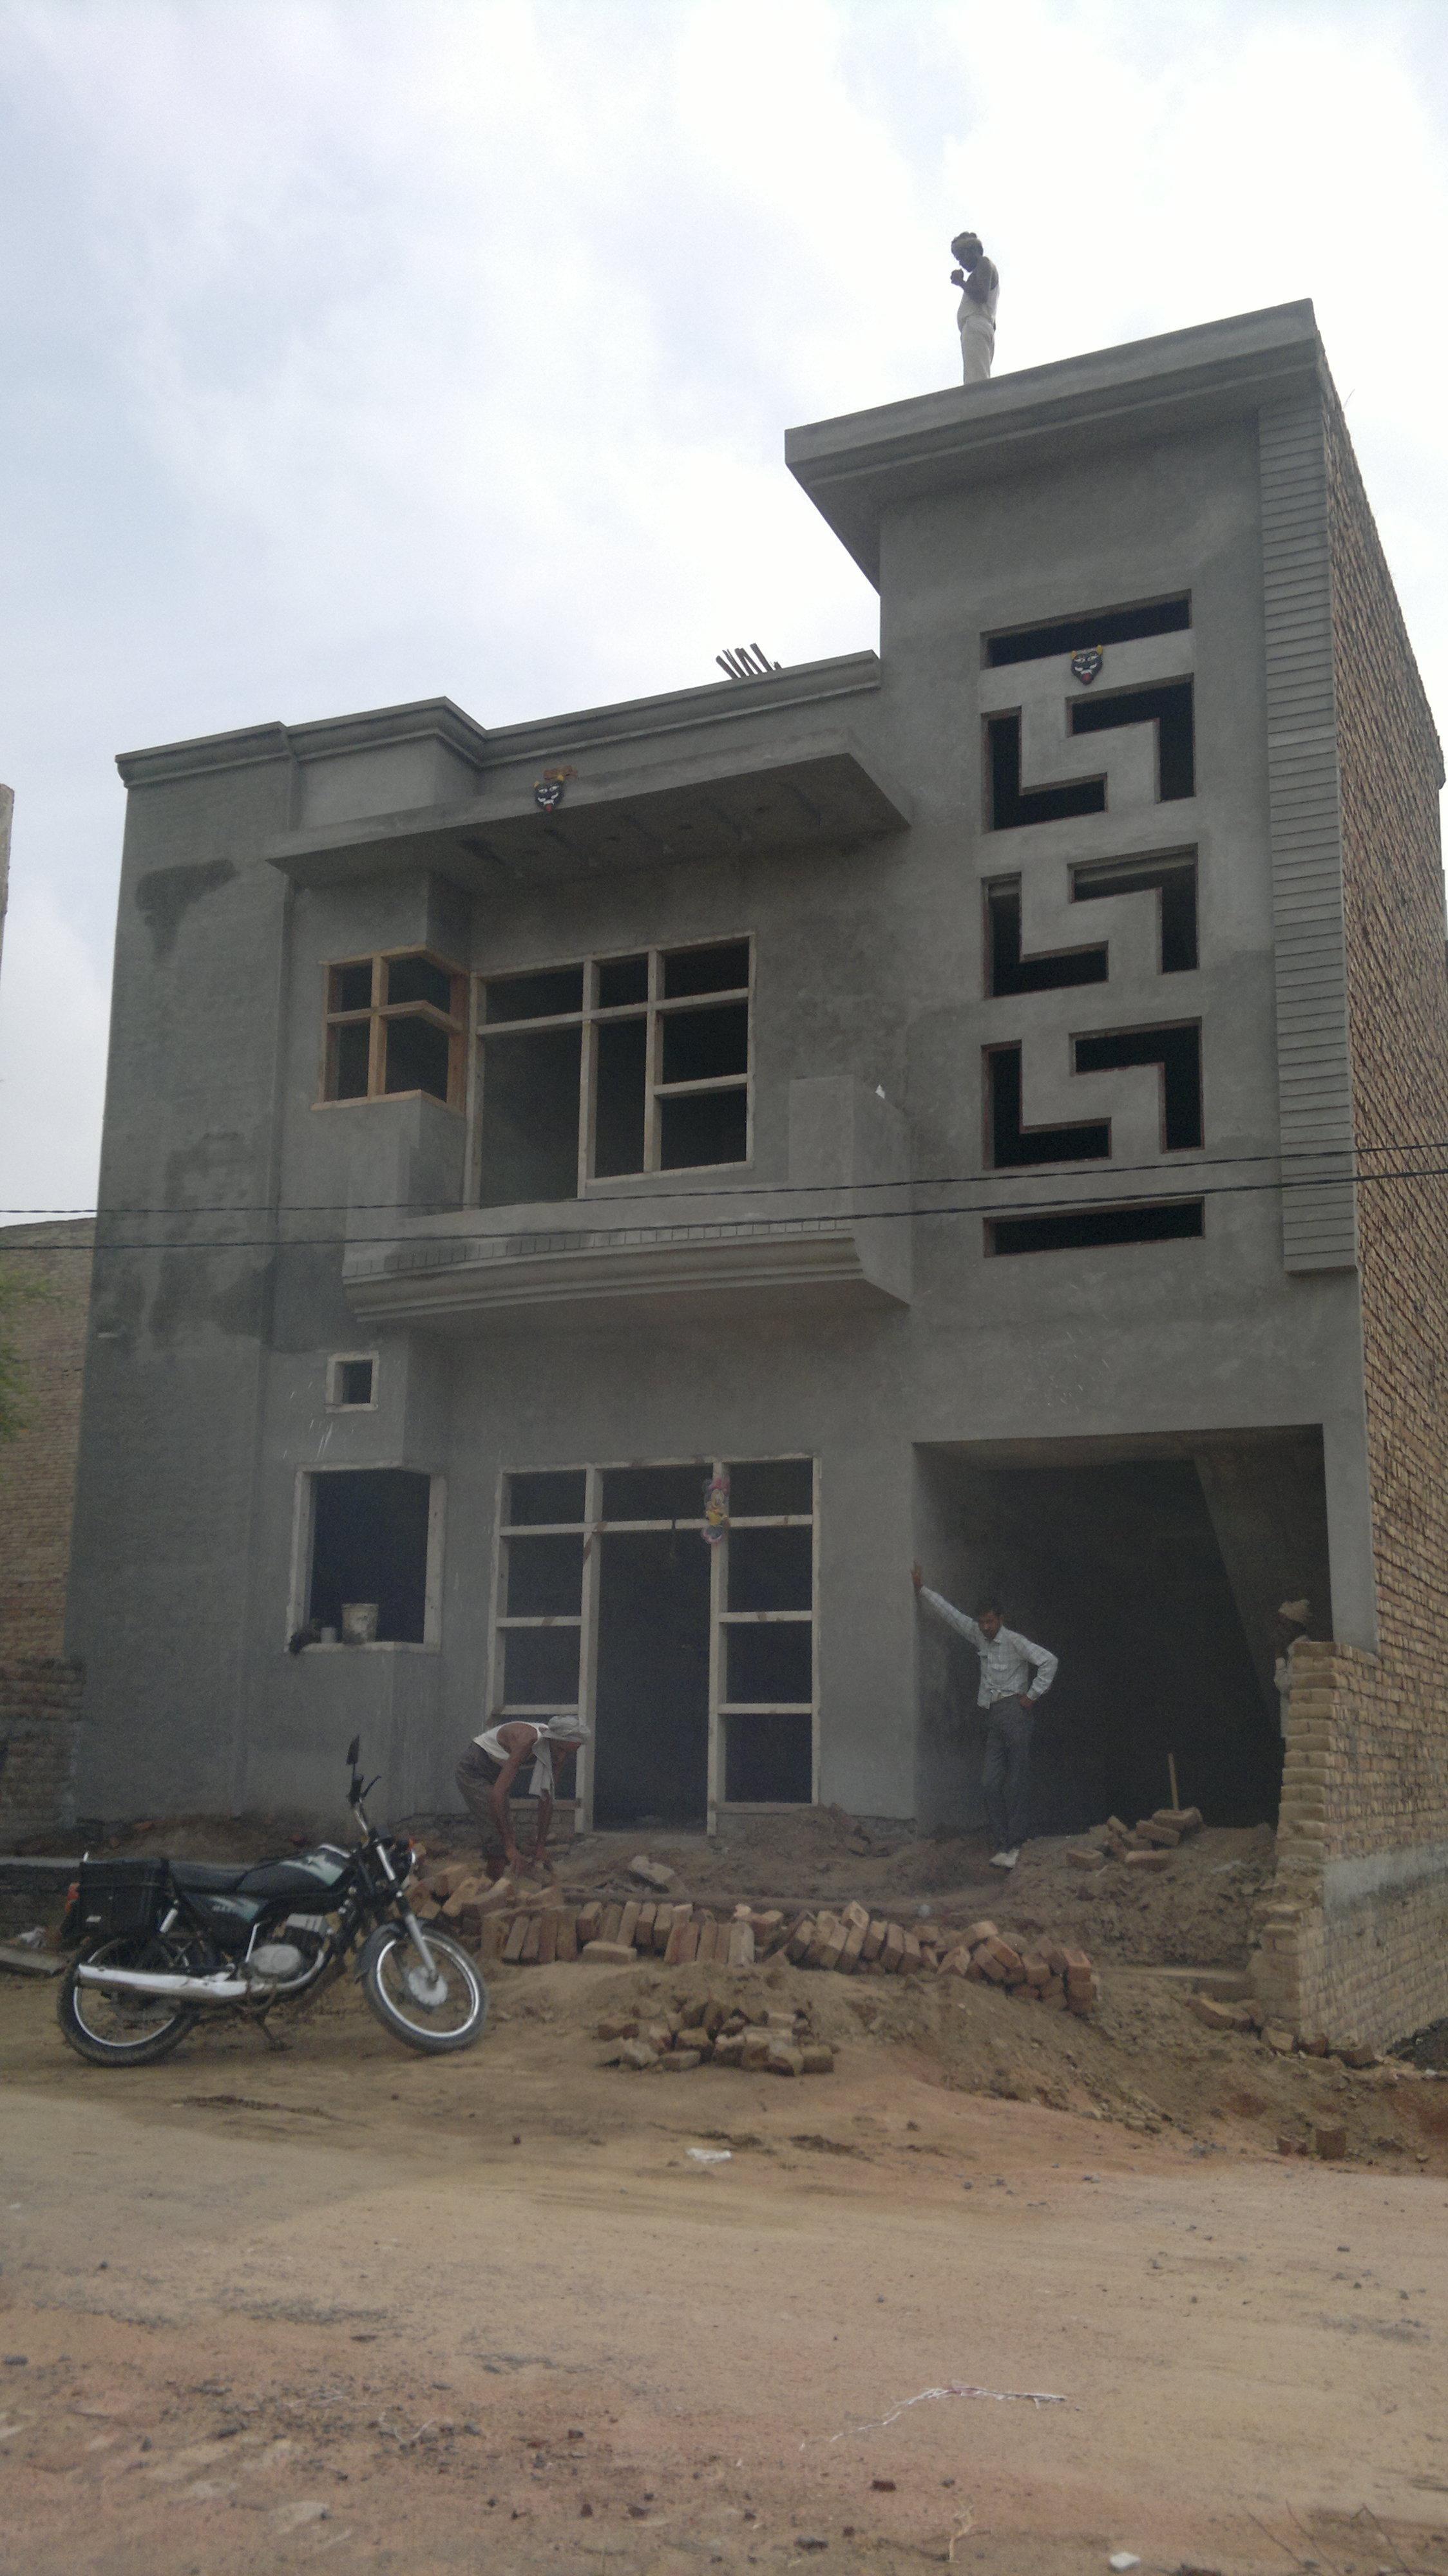 Fronthouseelevation ashraya homes pinterest house elevation